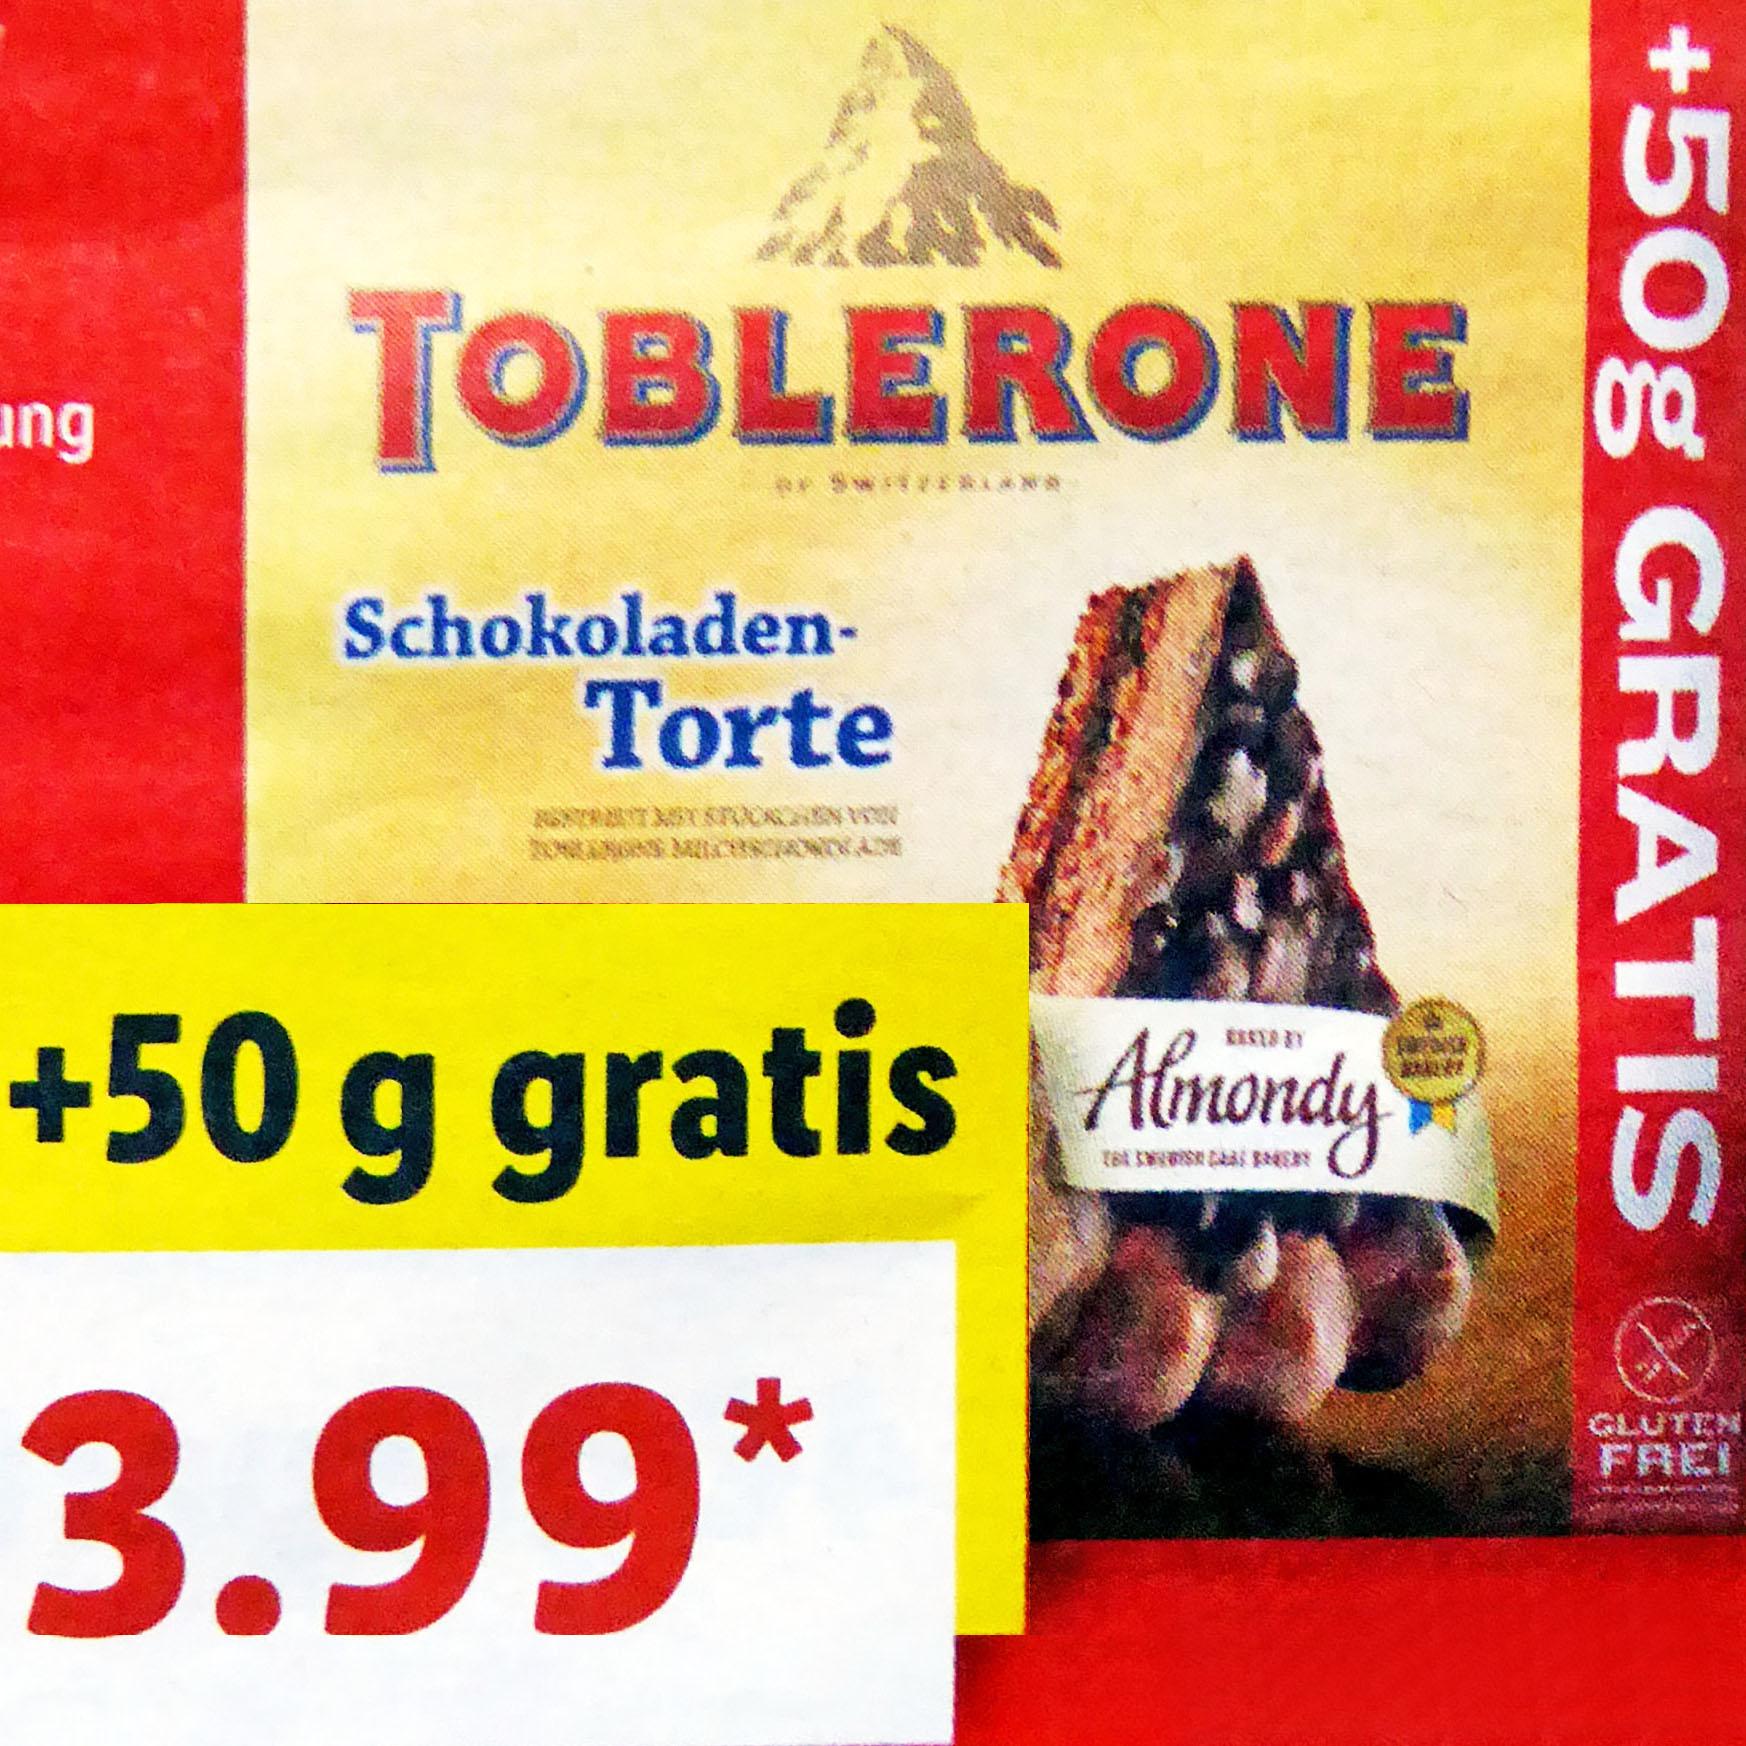 Mandeltorte mit Toblerone oder Daim für nur 3,99€ bei (Lidl ab 7.1.)